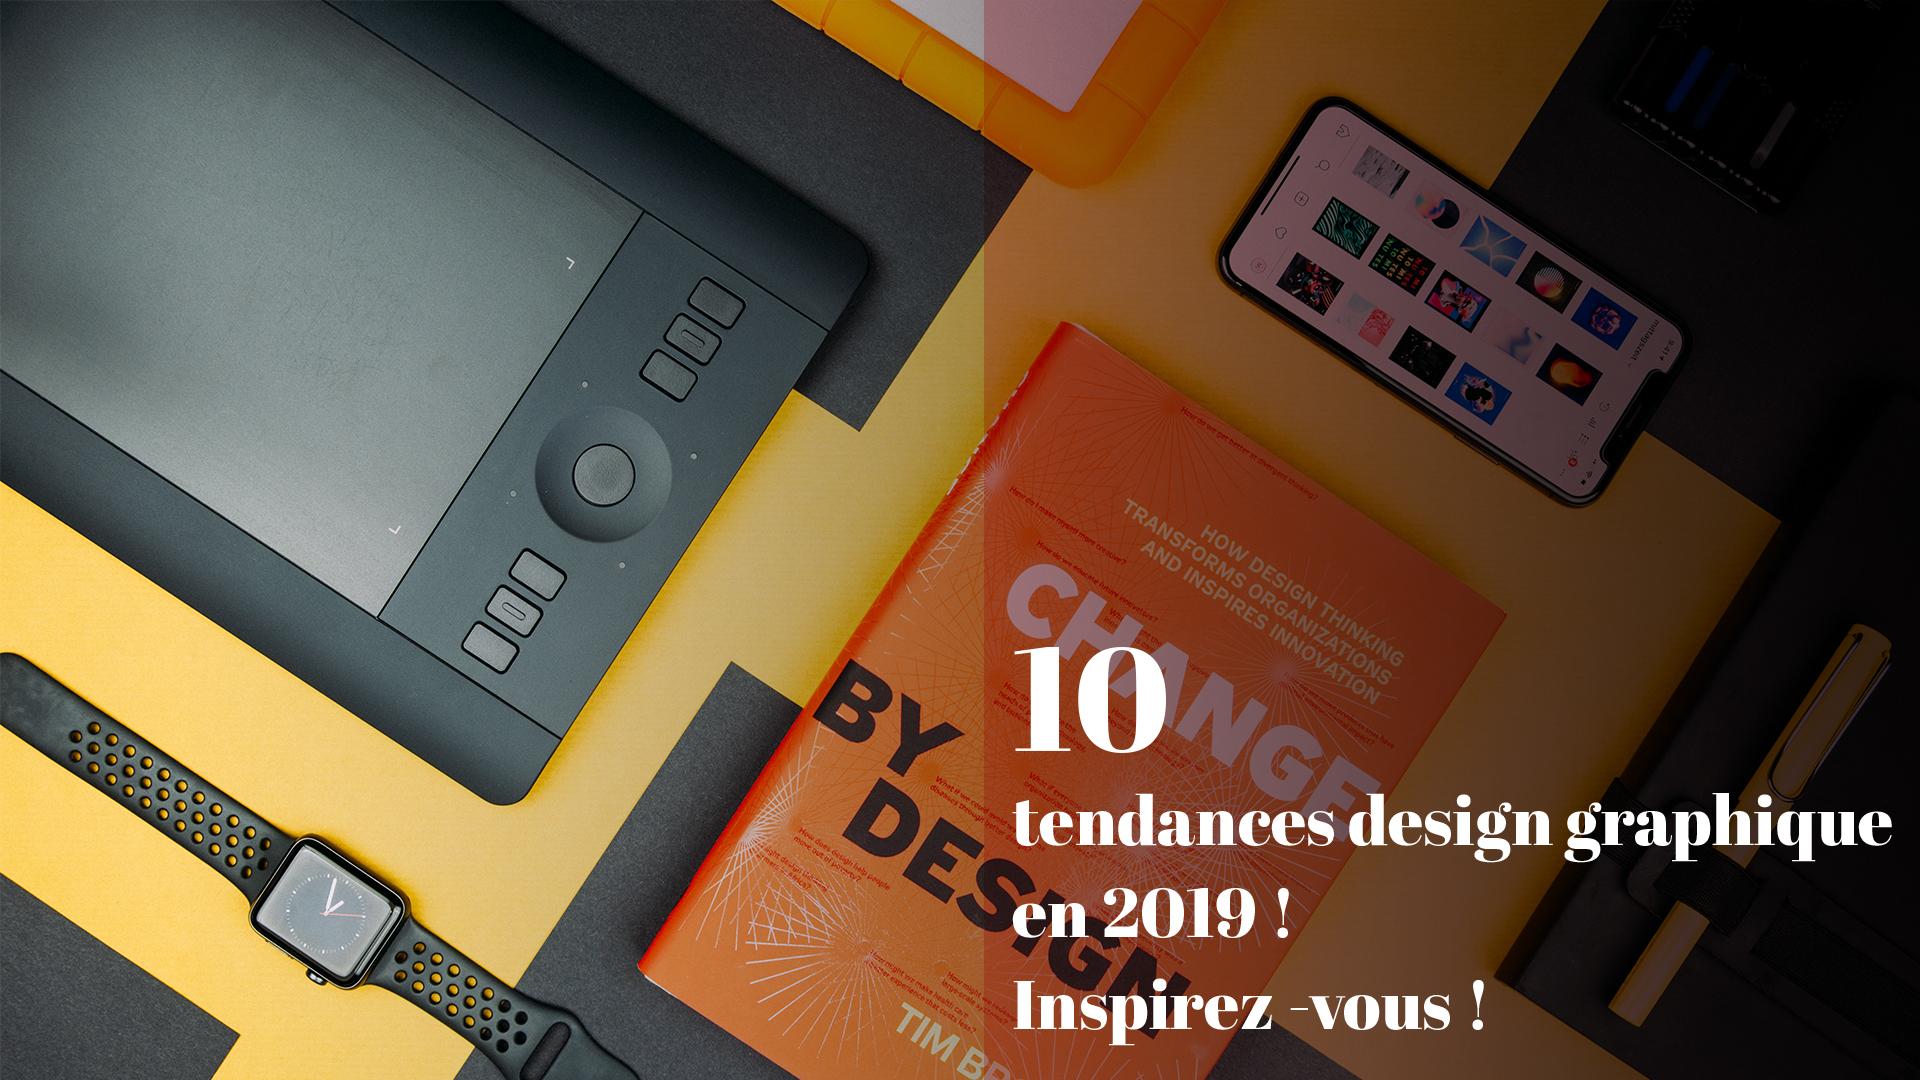 10 tendances design graphique en 2019 ! Inspirez-vous !